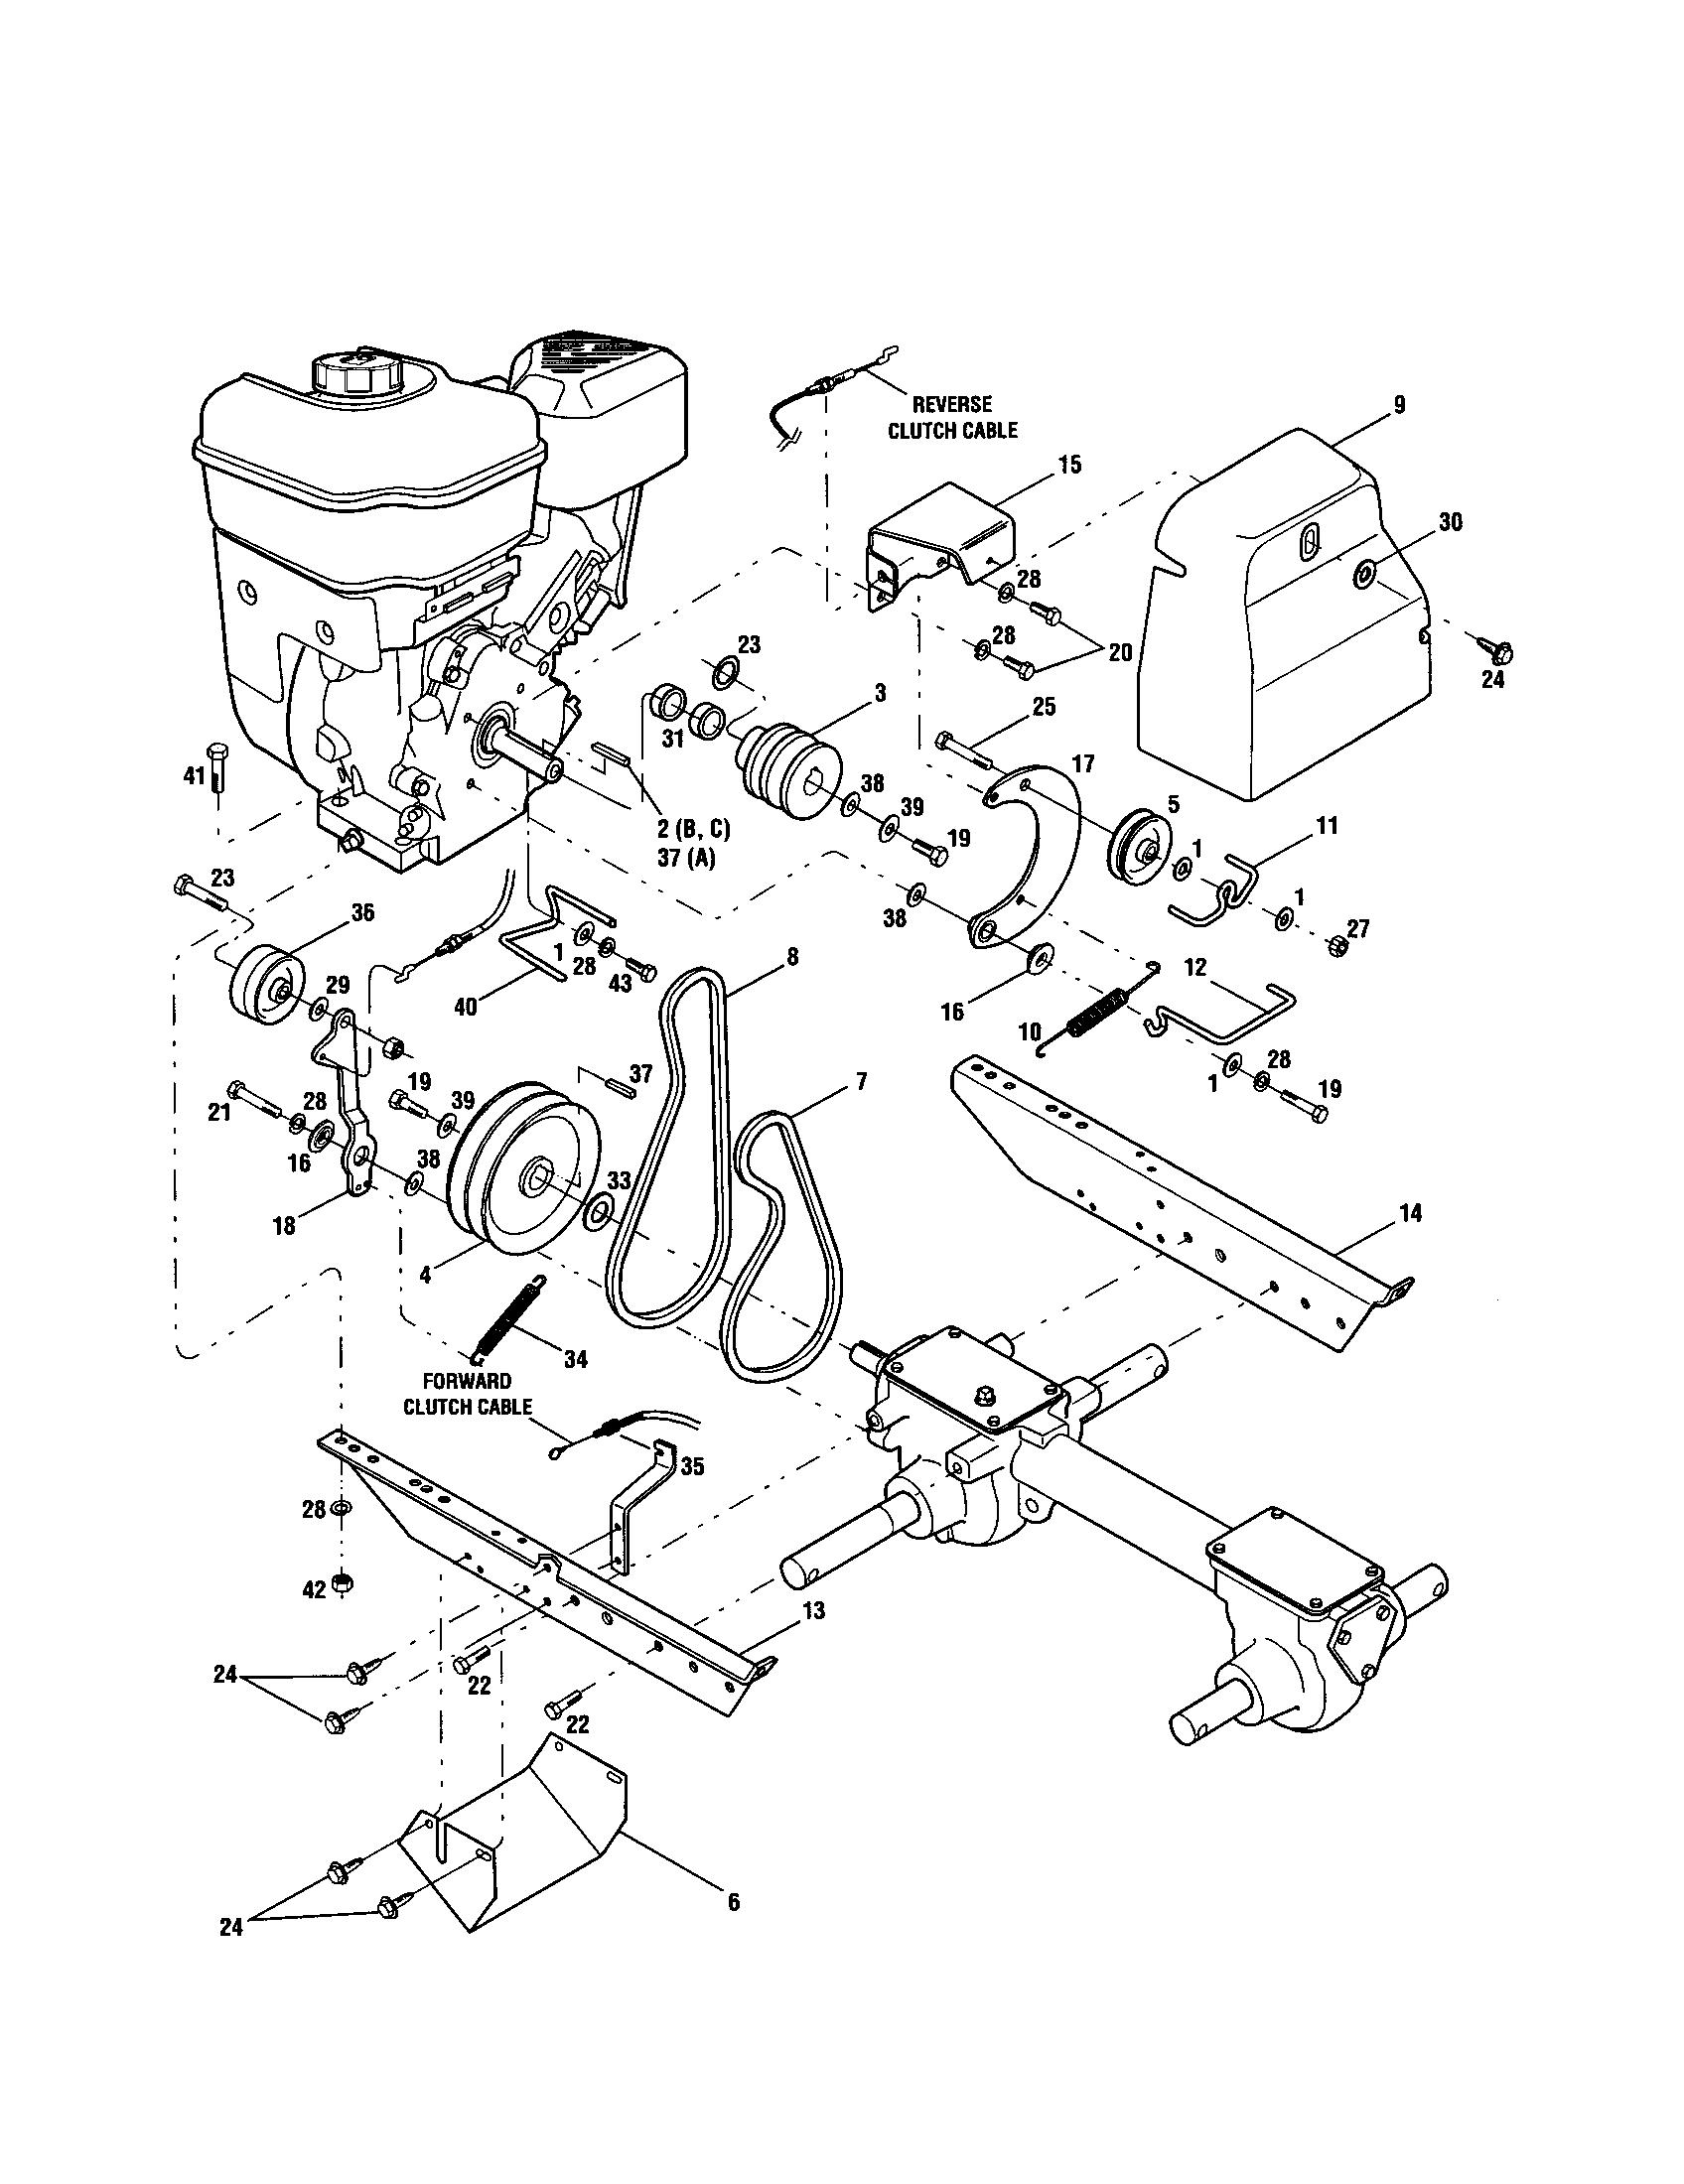 hight resolution of ctr troy bilt bronco tiller diagram